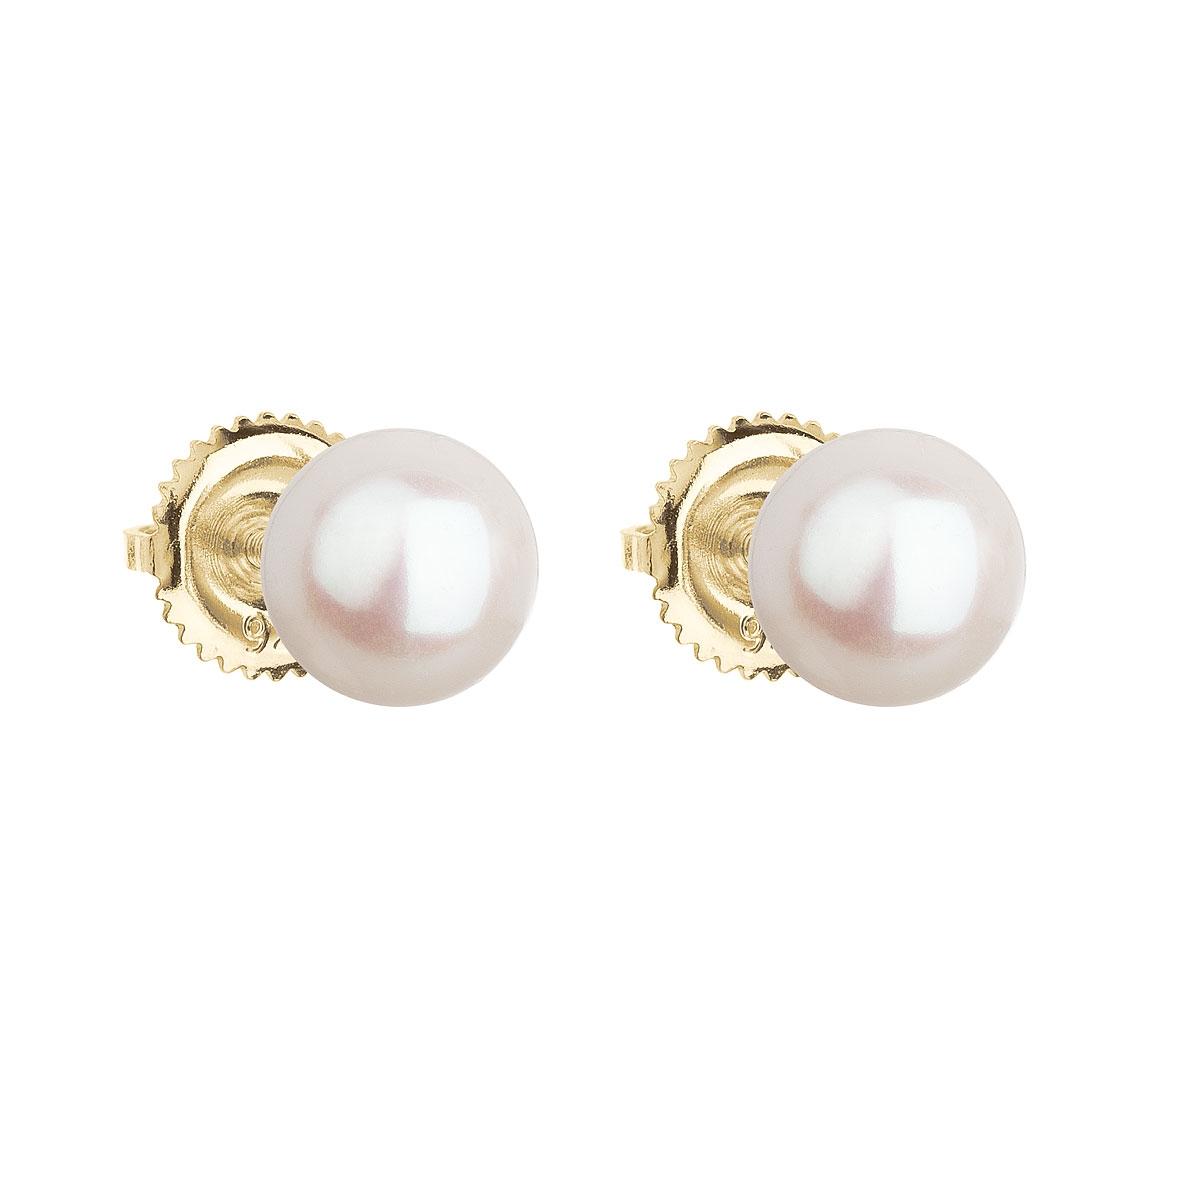 Zlaté 14ti karátové náušnice s bílou říční perlou EGZ004-WH